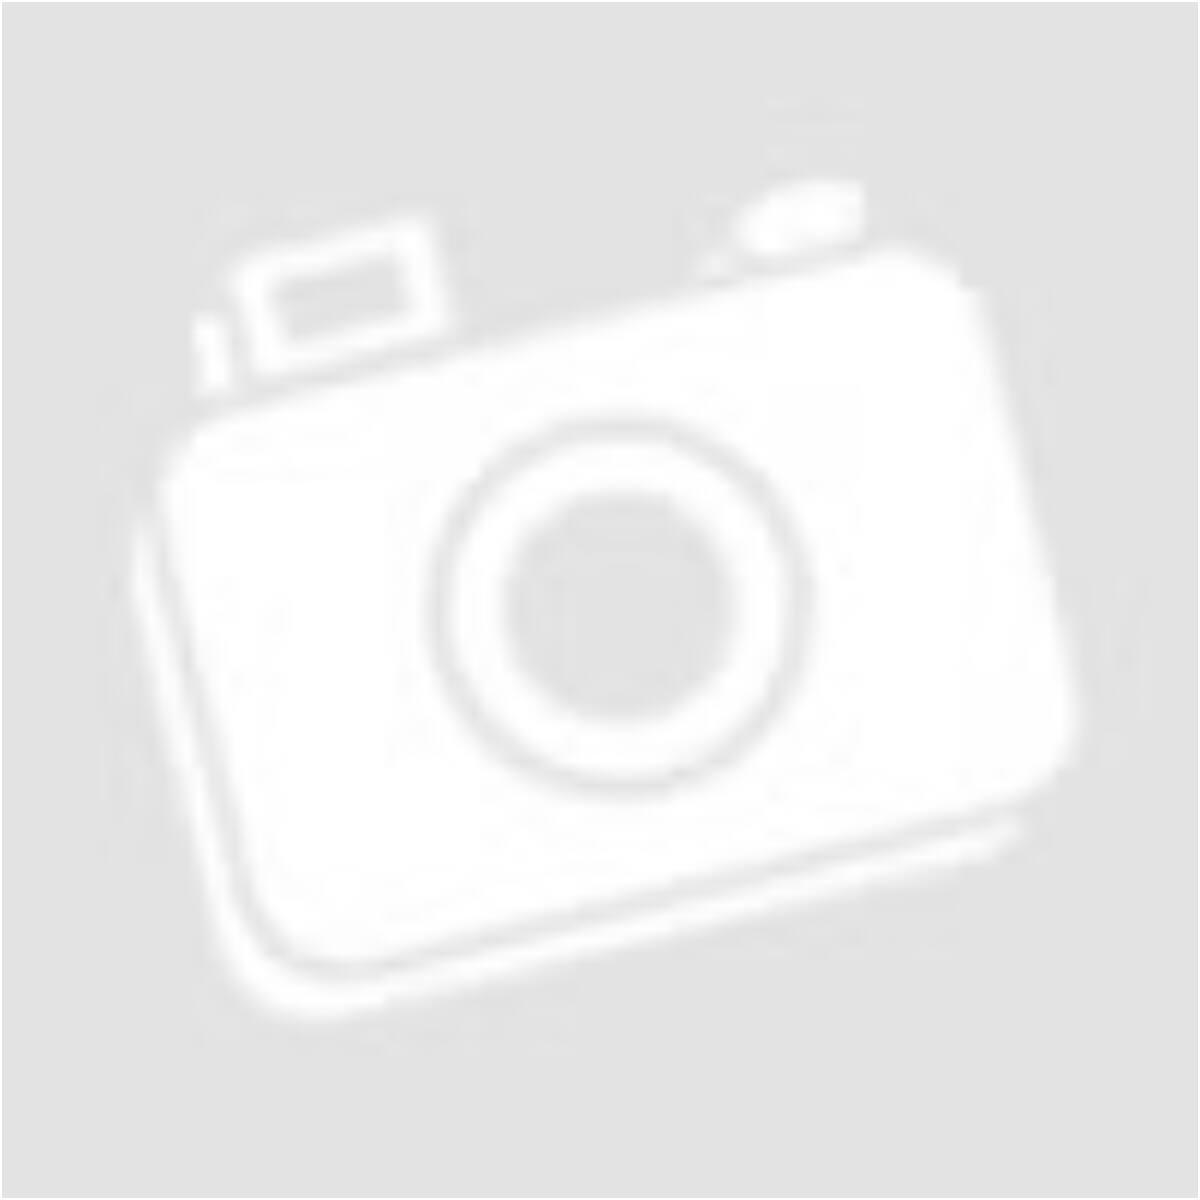 kek-csikos-harisnyanadrag 4c431fb063